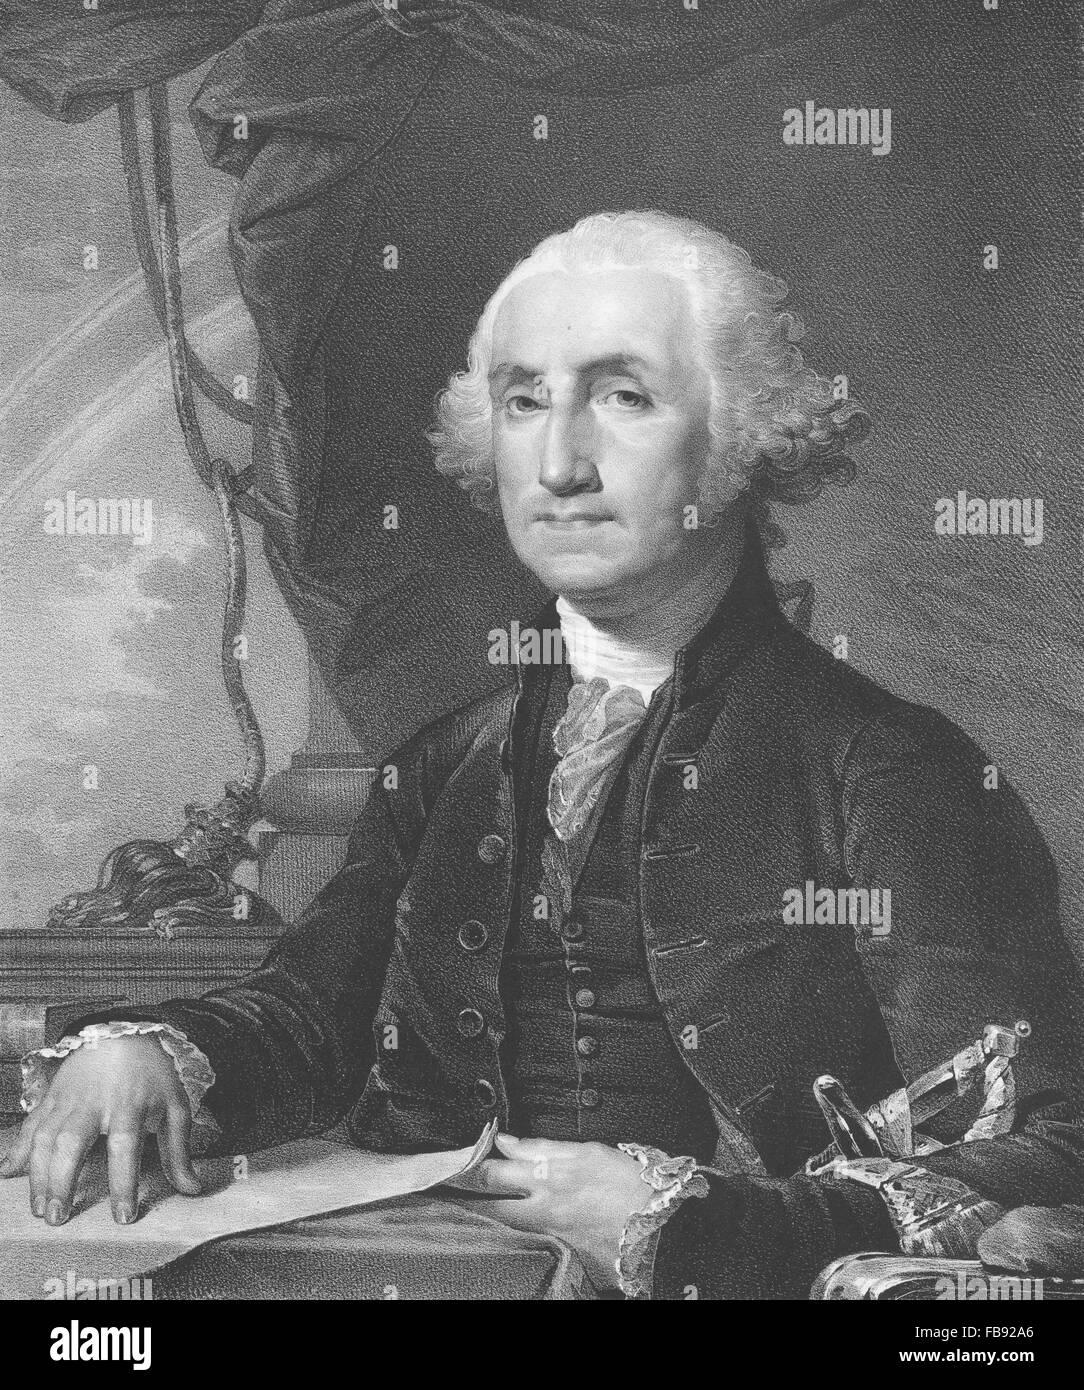 Rembrandt Peale ritratto del primo Presidente degli Stati Uniti George Washington Immagini Stock